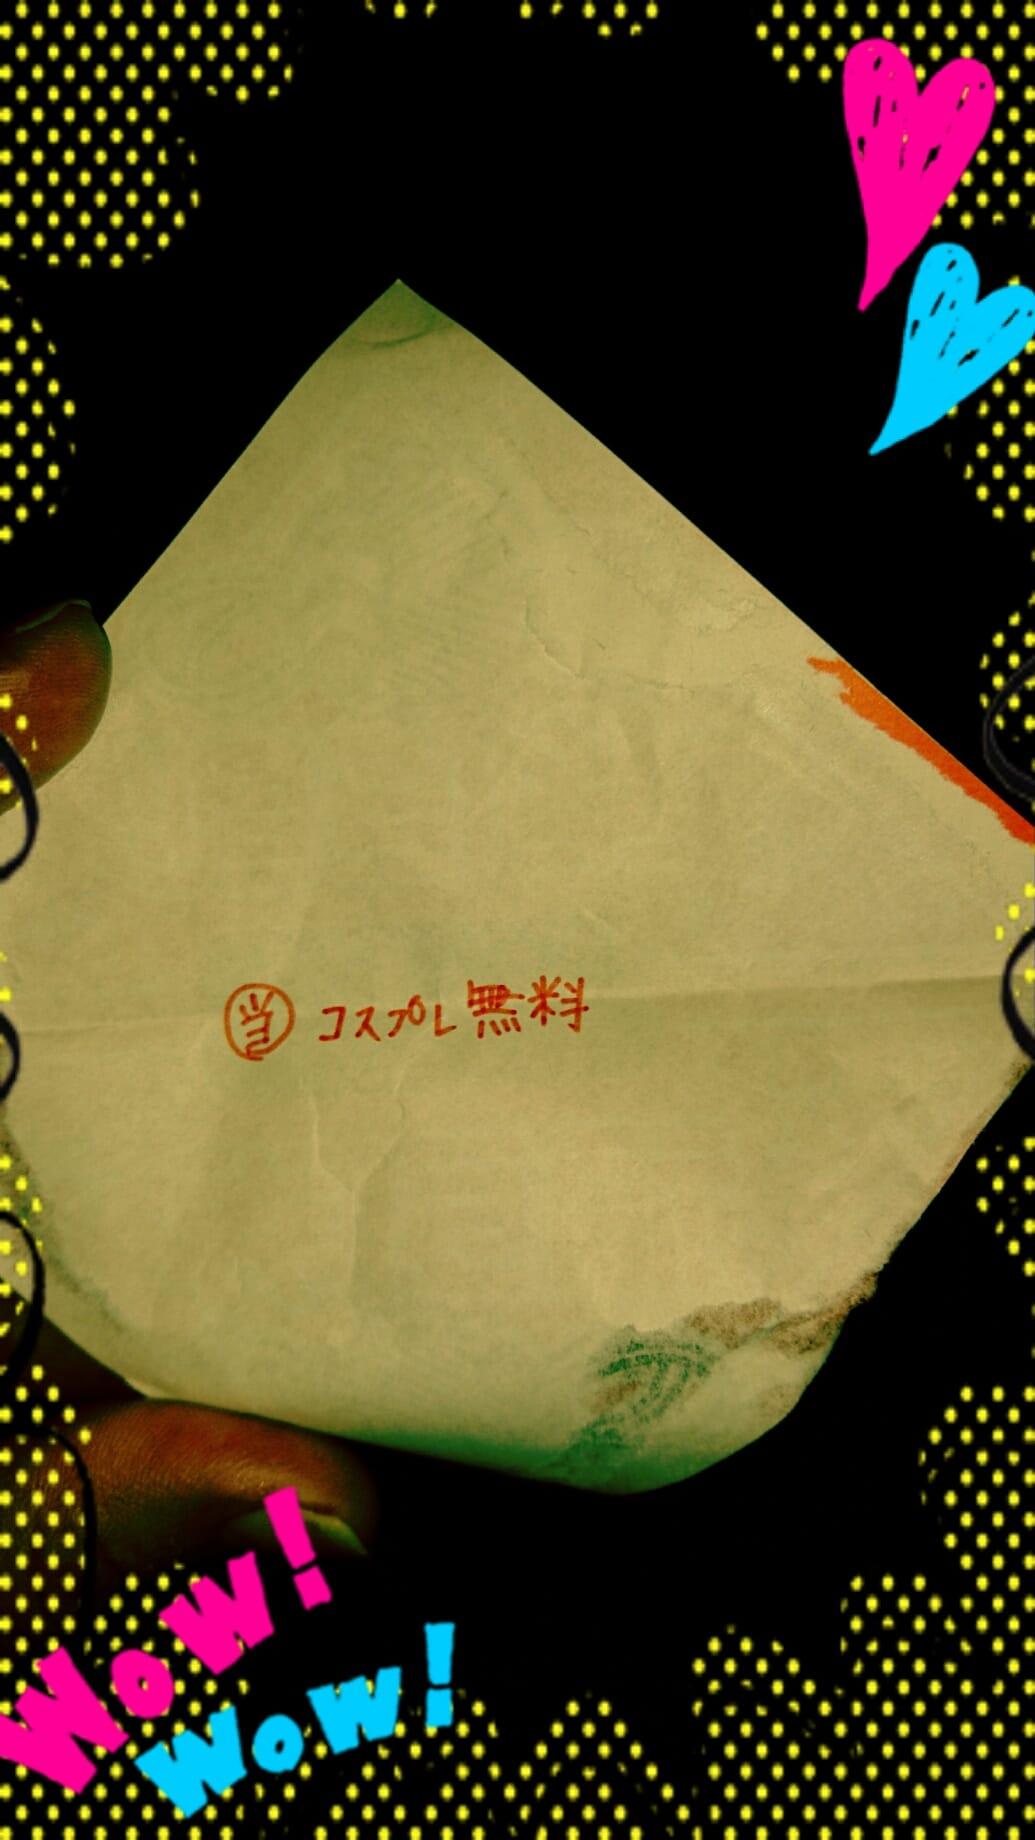 「大変遅くなりました(T ^ T)」12/11(月) 08:04 | まほの写メ・風俗動画